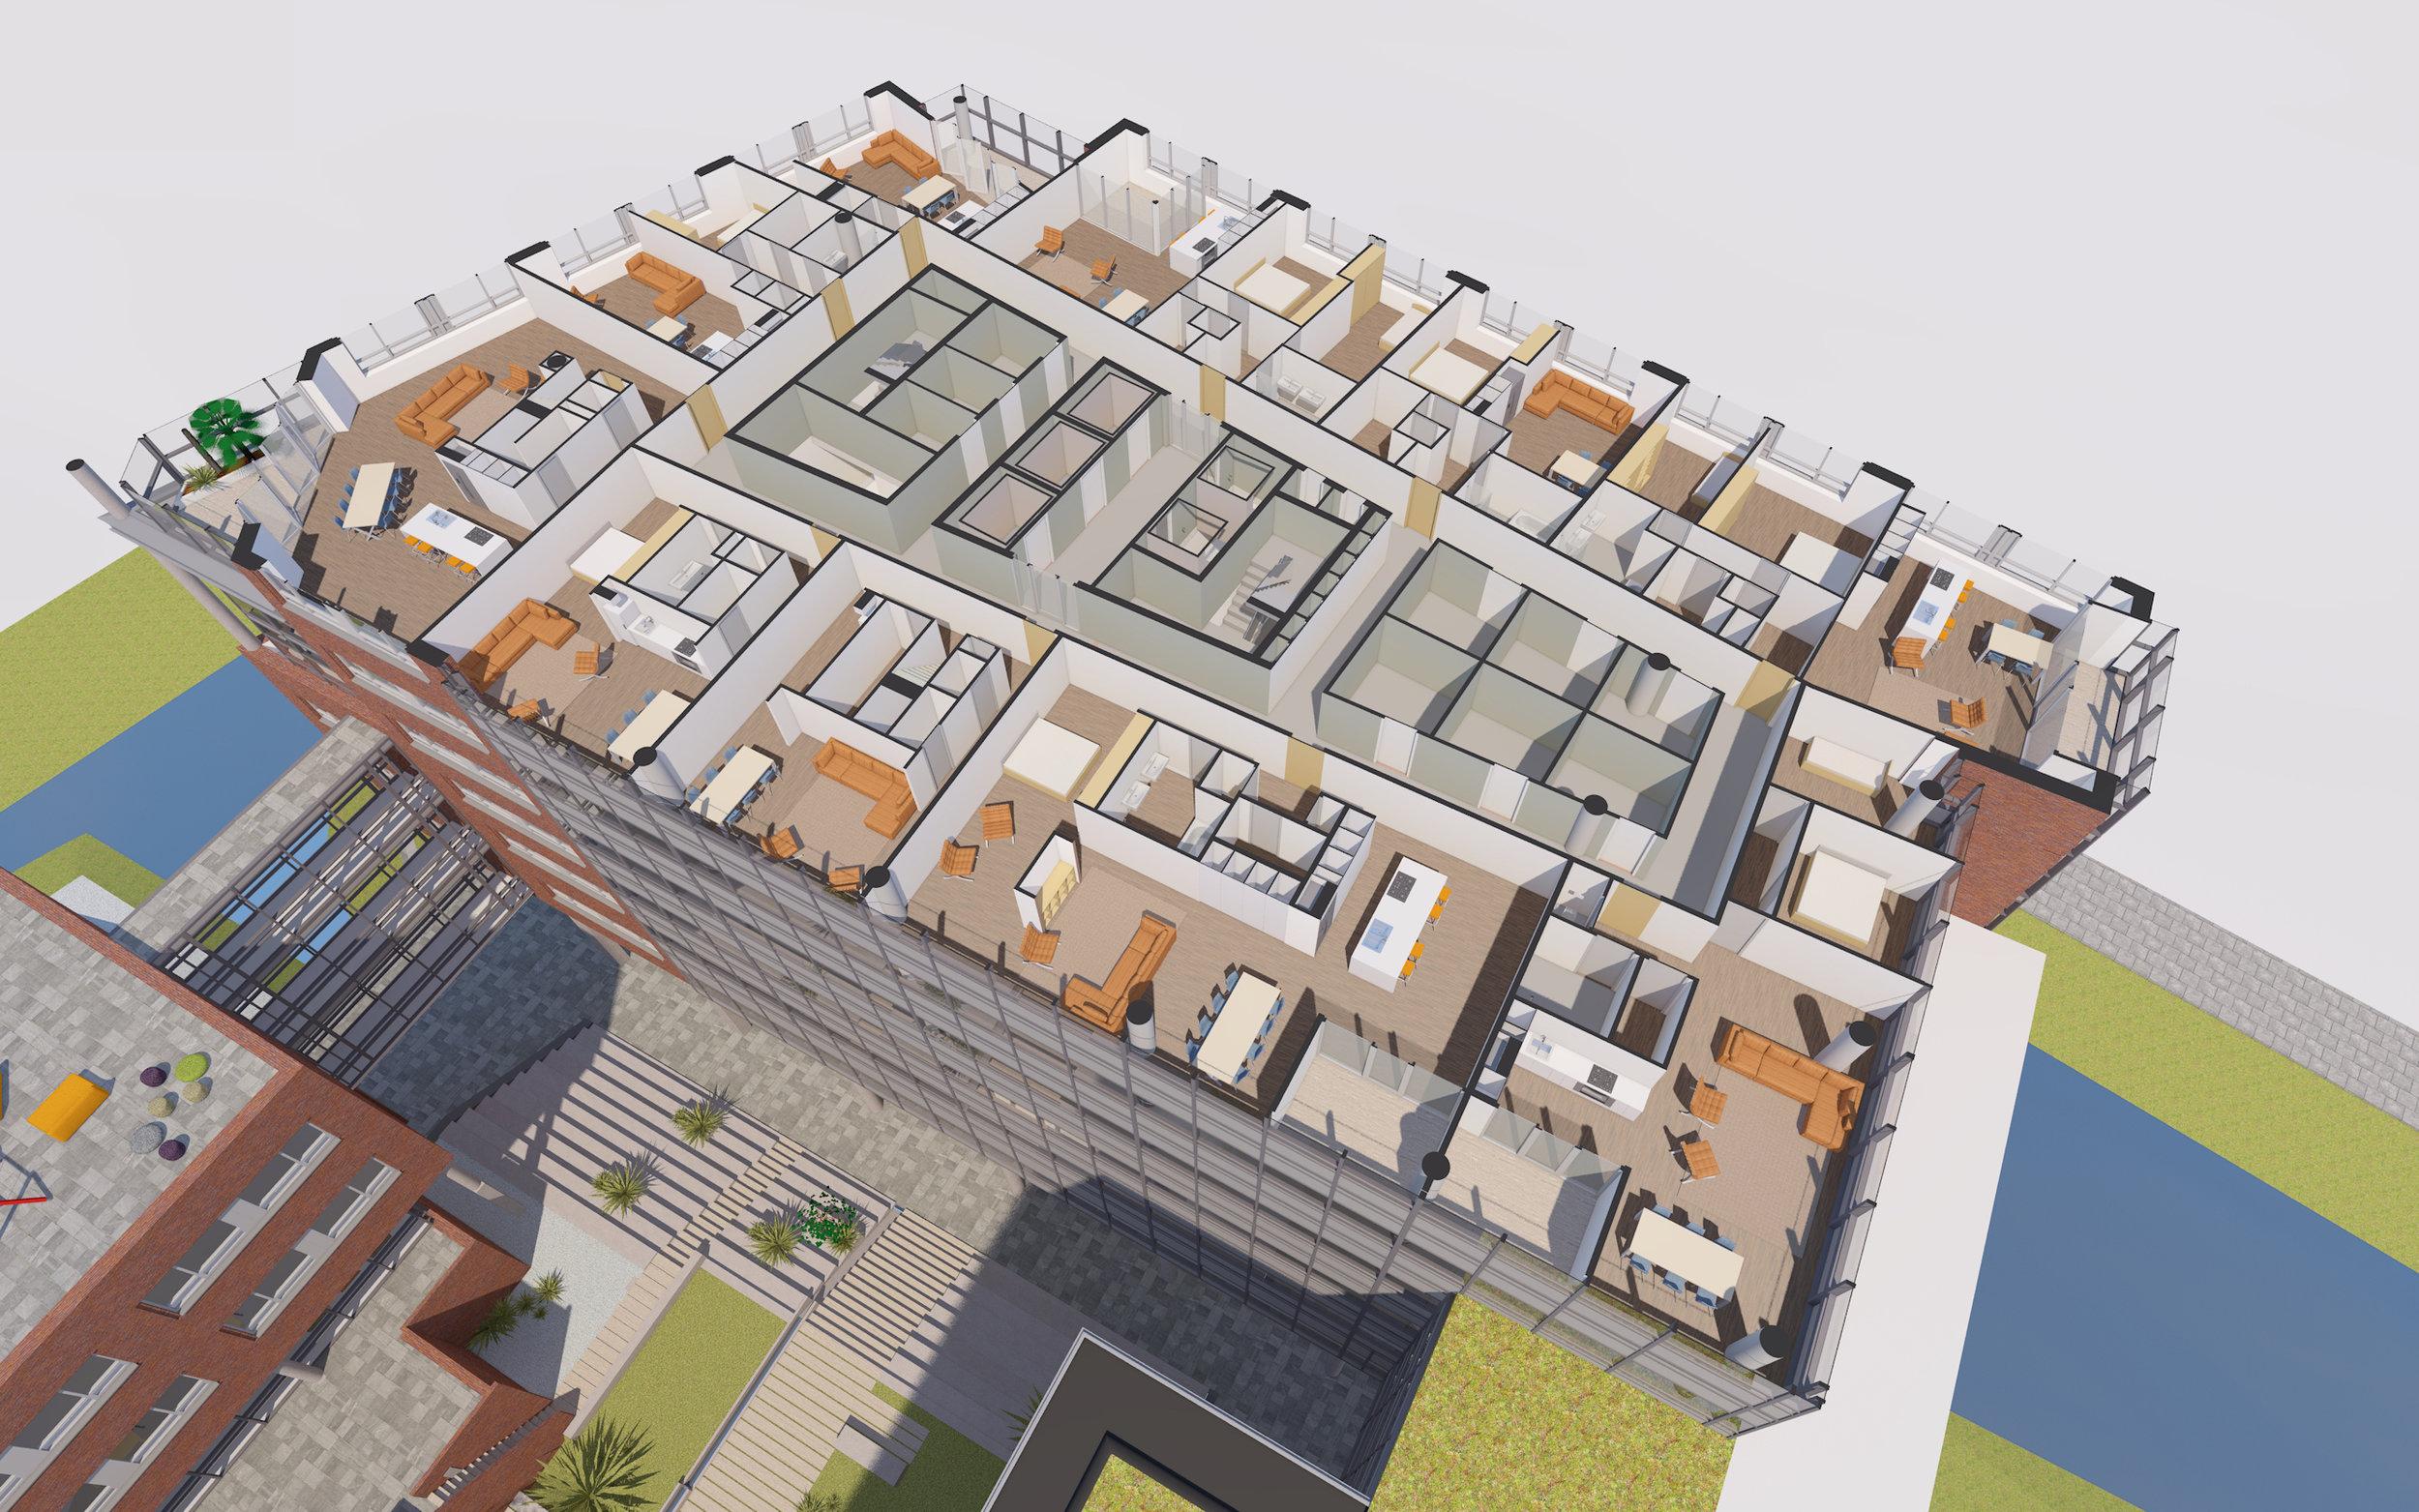 16358 PRA David Ricardostraat Adam TEAM Woonverdieping nieuwe versie.jpg